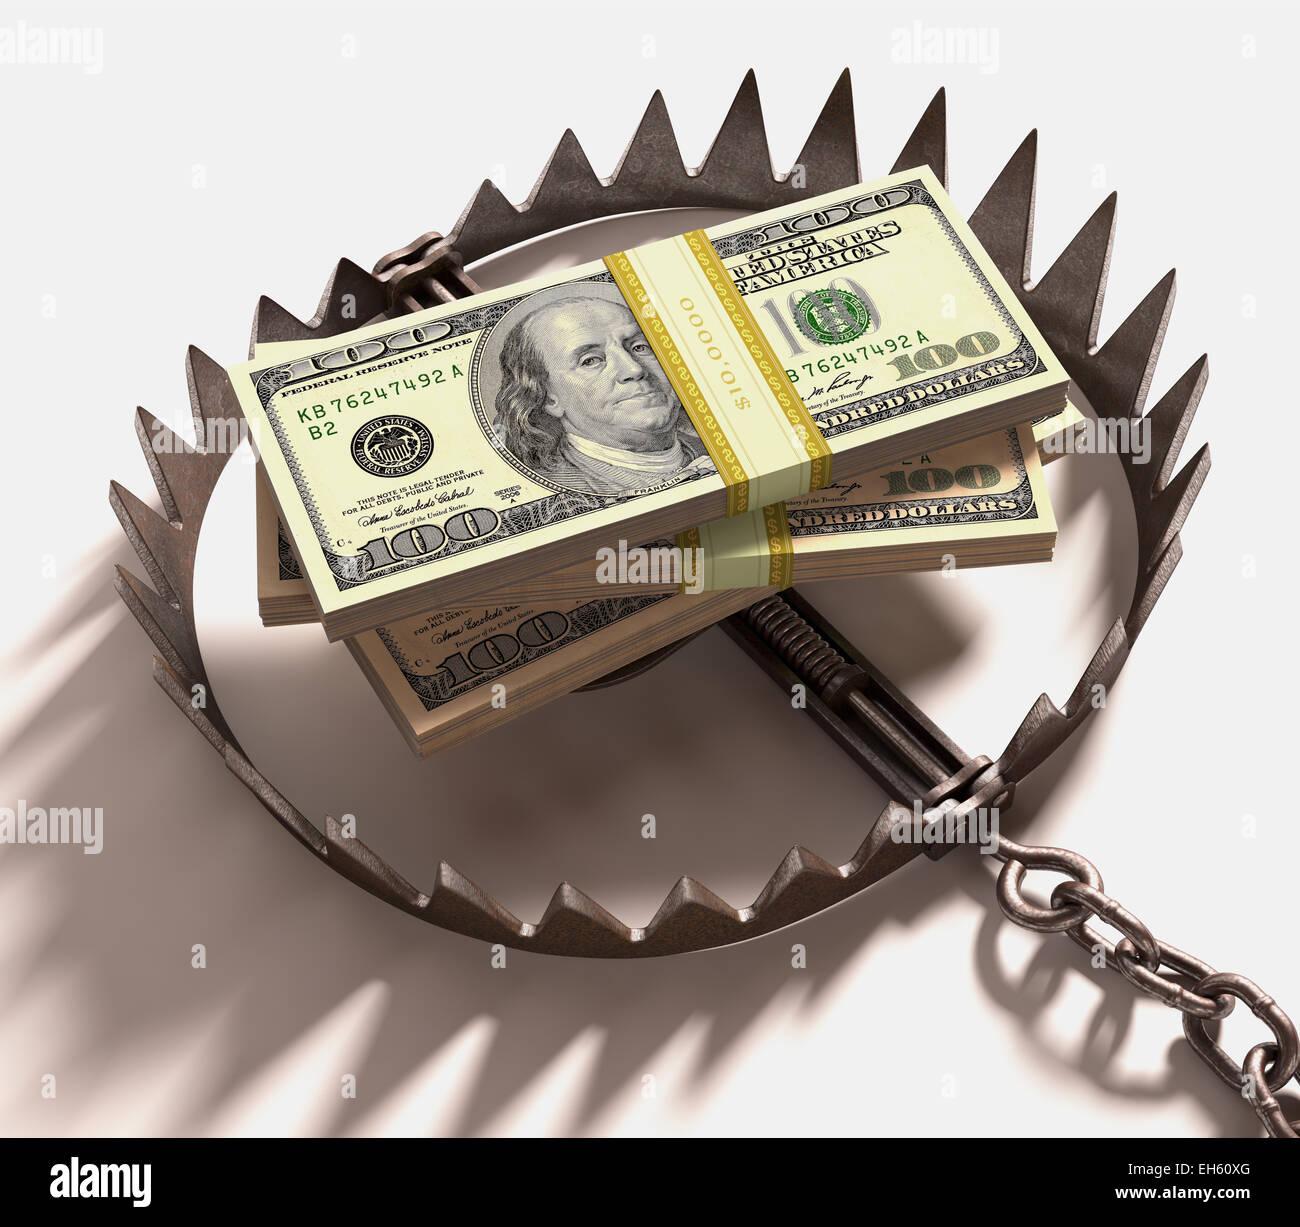 Pila de dólares en una trampa. Trazado de recorte incluido. Imagen De Stock